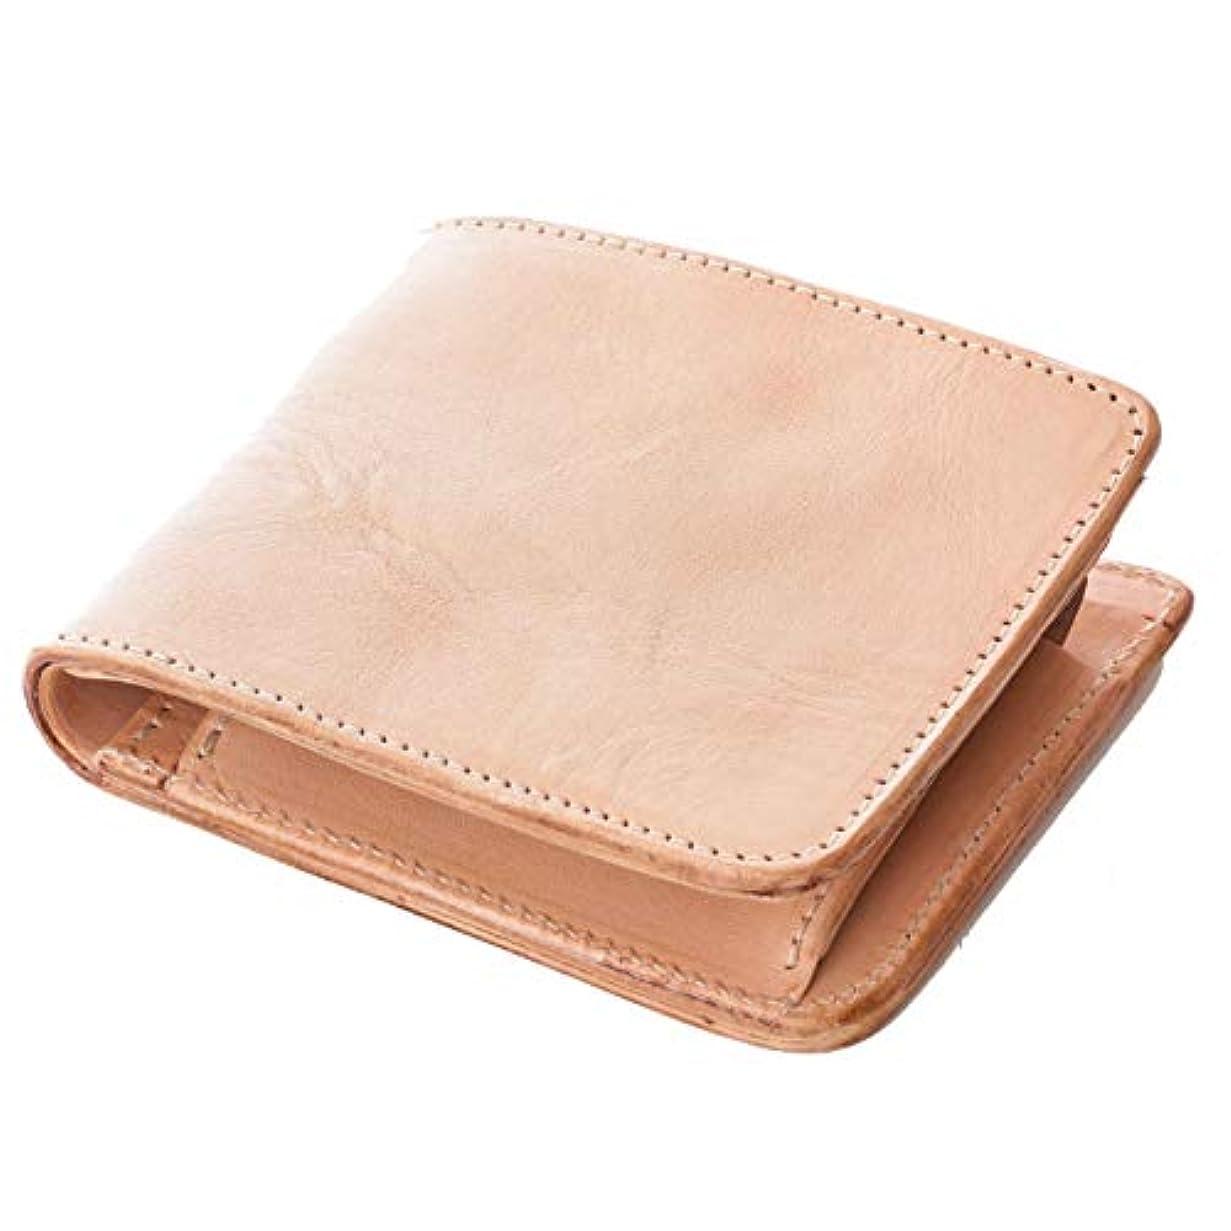 武装解除歴史コール[ダブルウッドジャパン] 財布 二つ折り 本革 日本製 革の質感が伝わる仕上げ「abba Short」